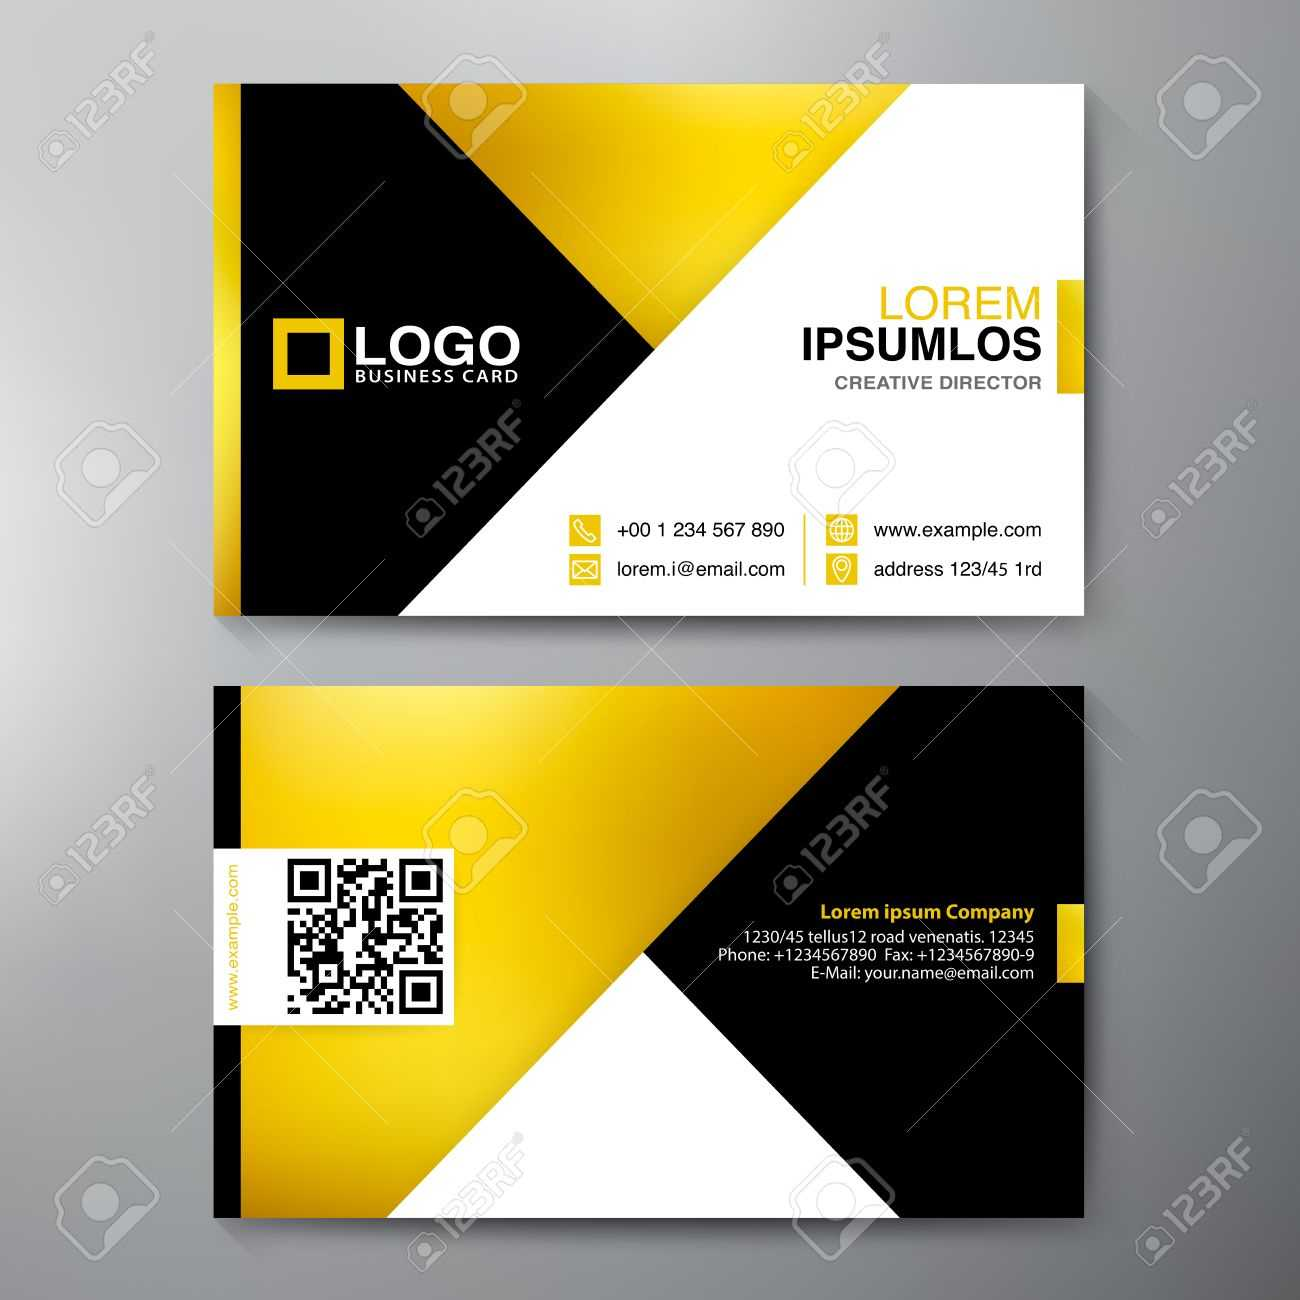 Modern Business Card Design Template. Vector Illustration Regarding Modern Business Card Design Templates